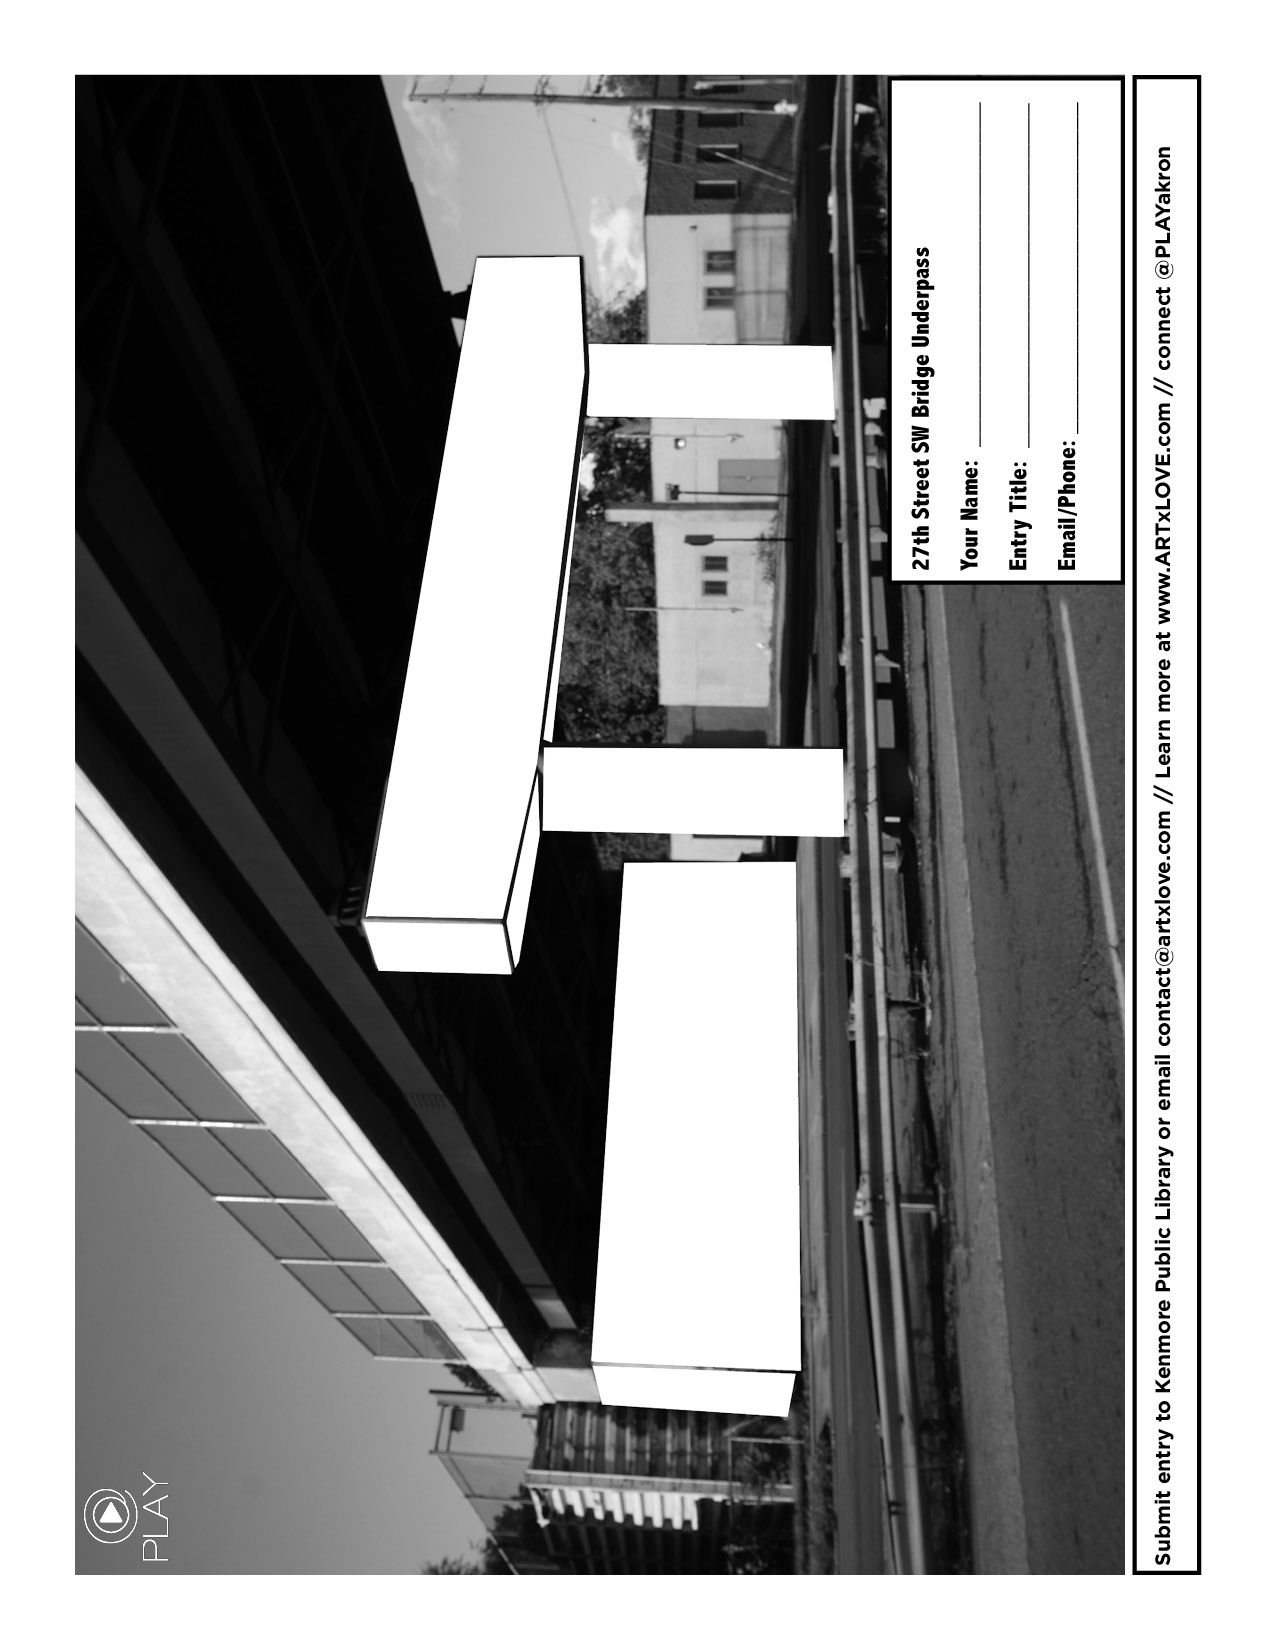 ARTxLOVE_Kenmore-Imagineer_coloring-book_final13.jpg